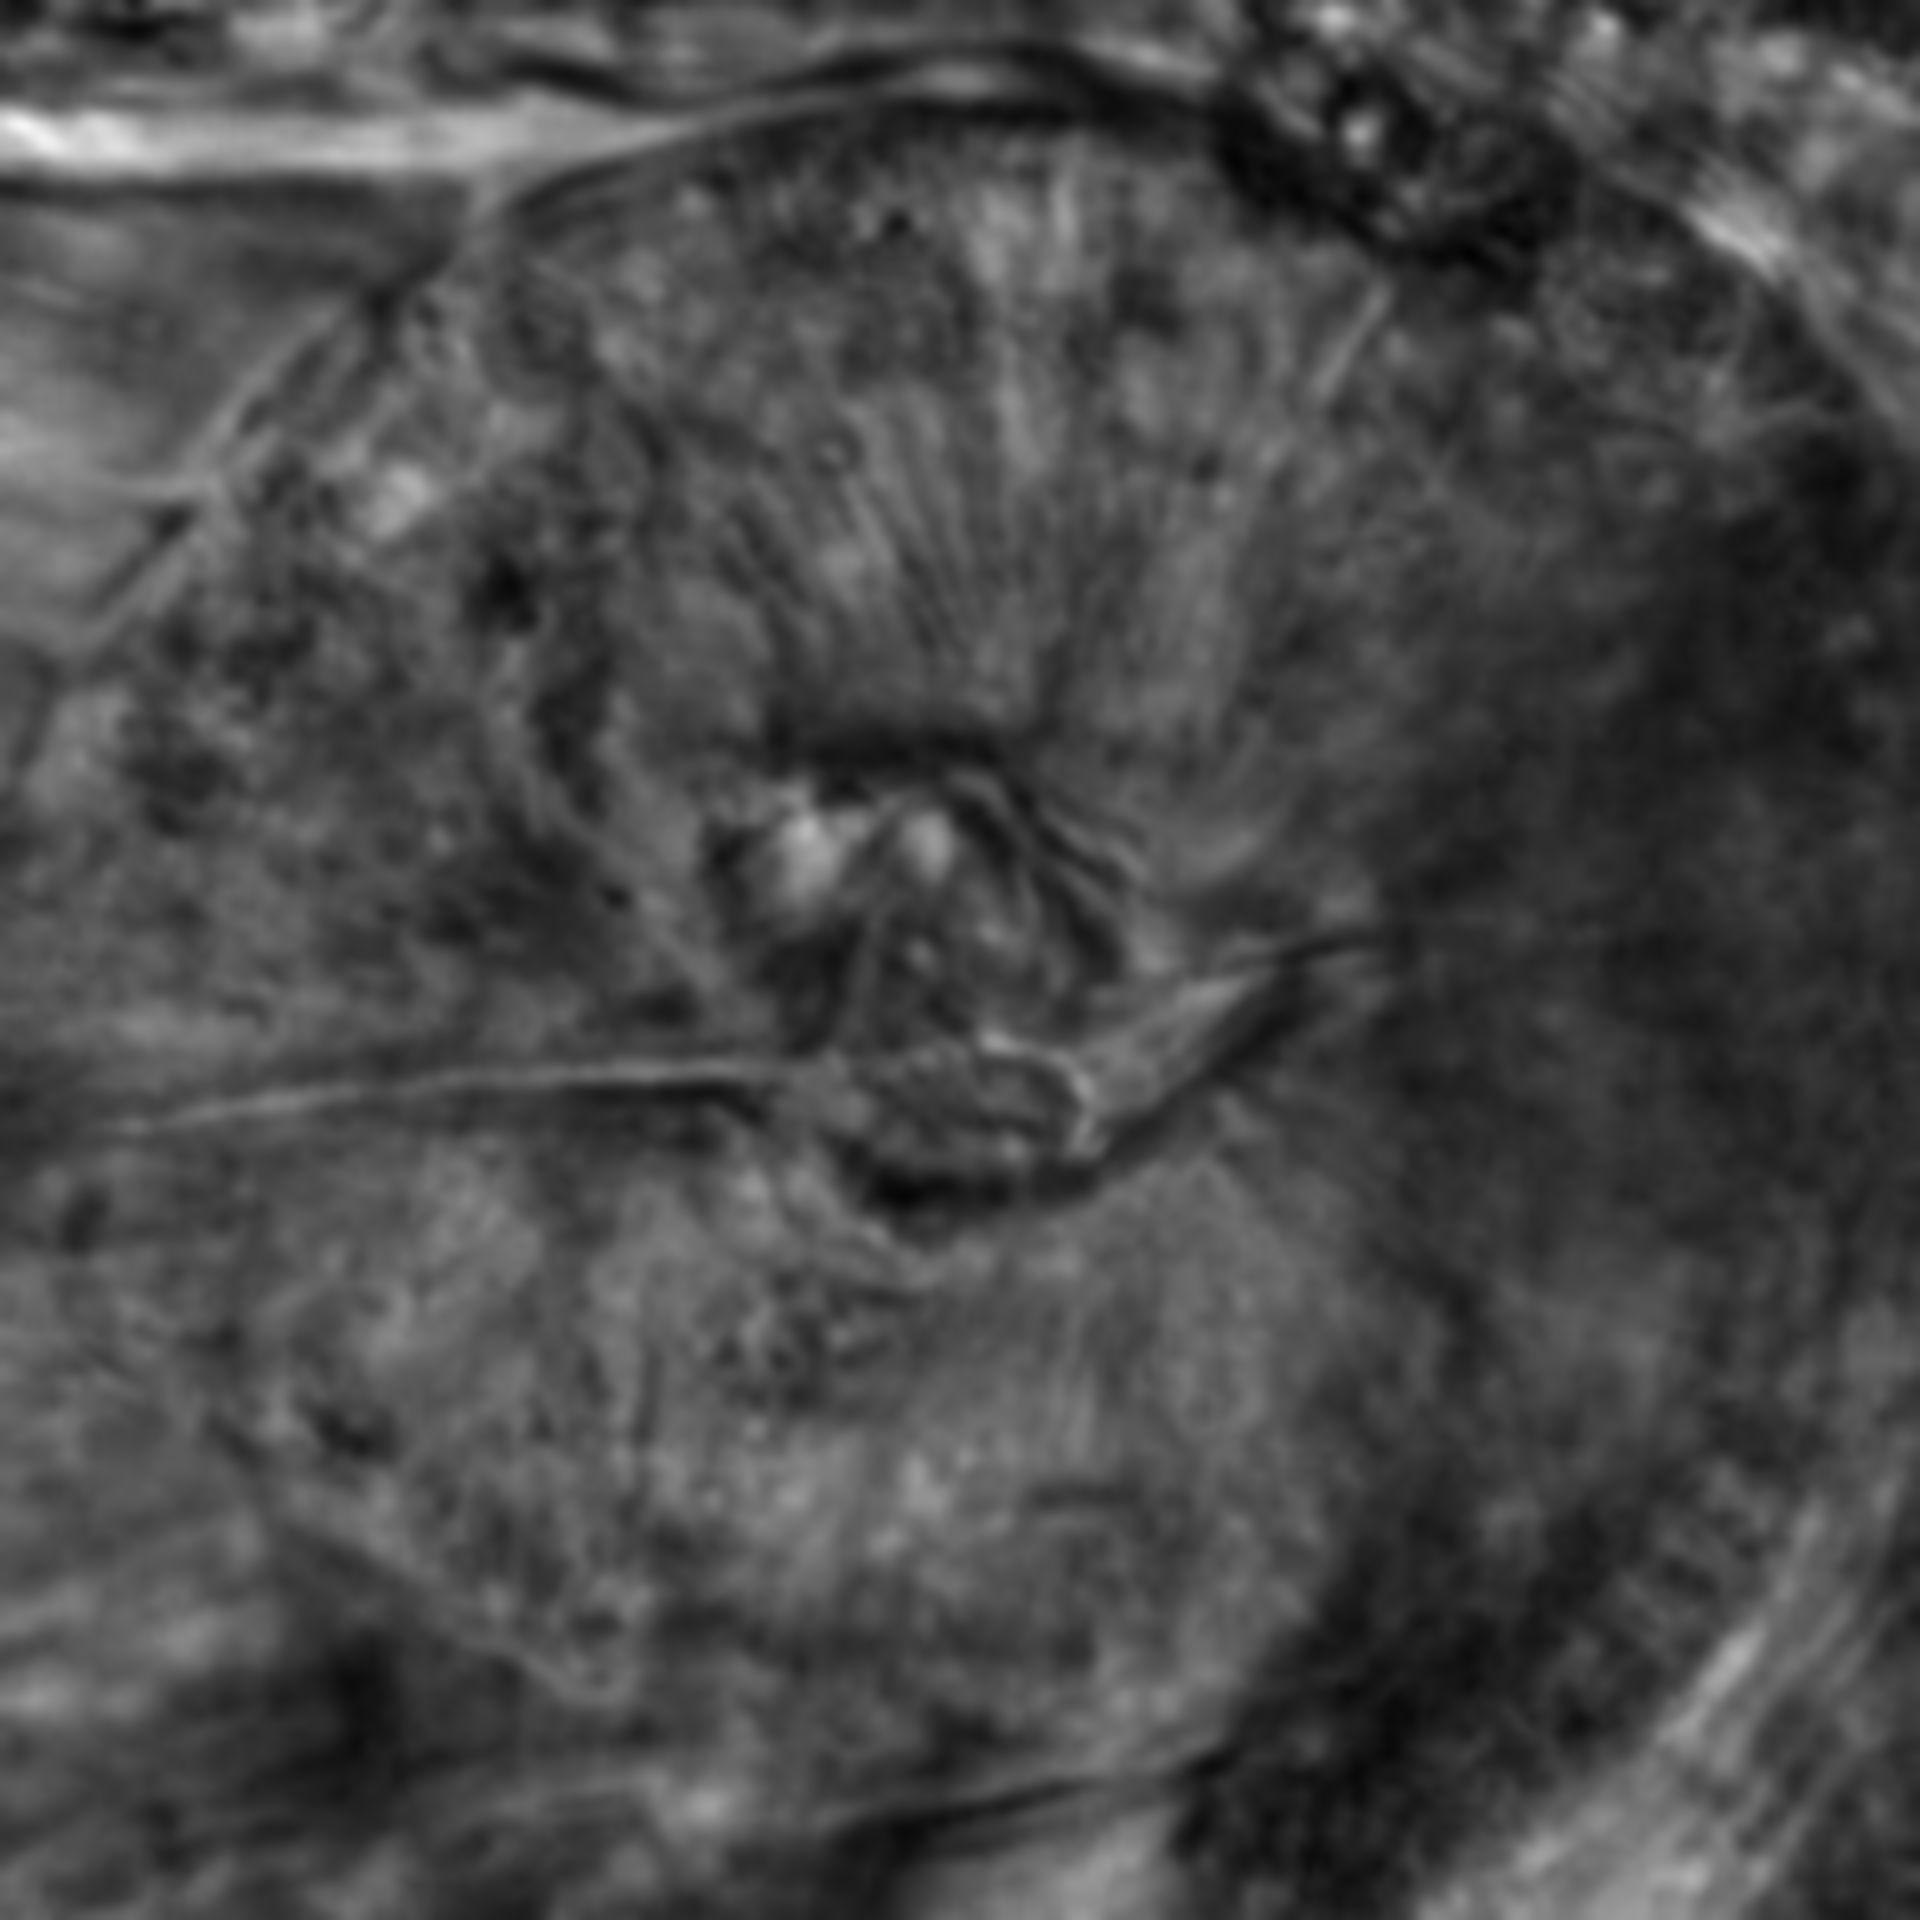 Caenorhabditis elegans - CIL:2639